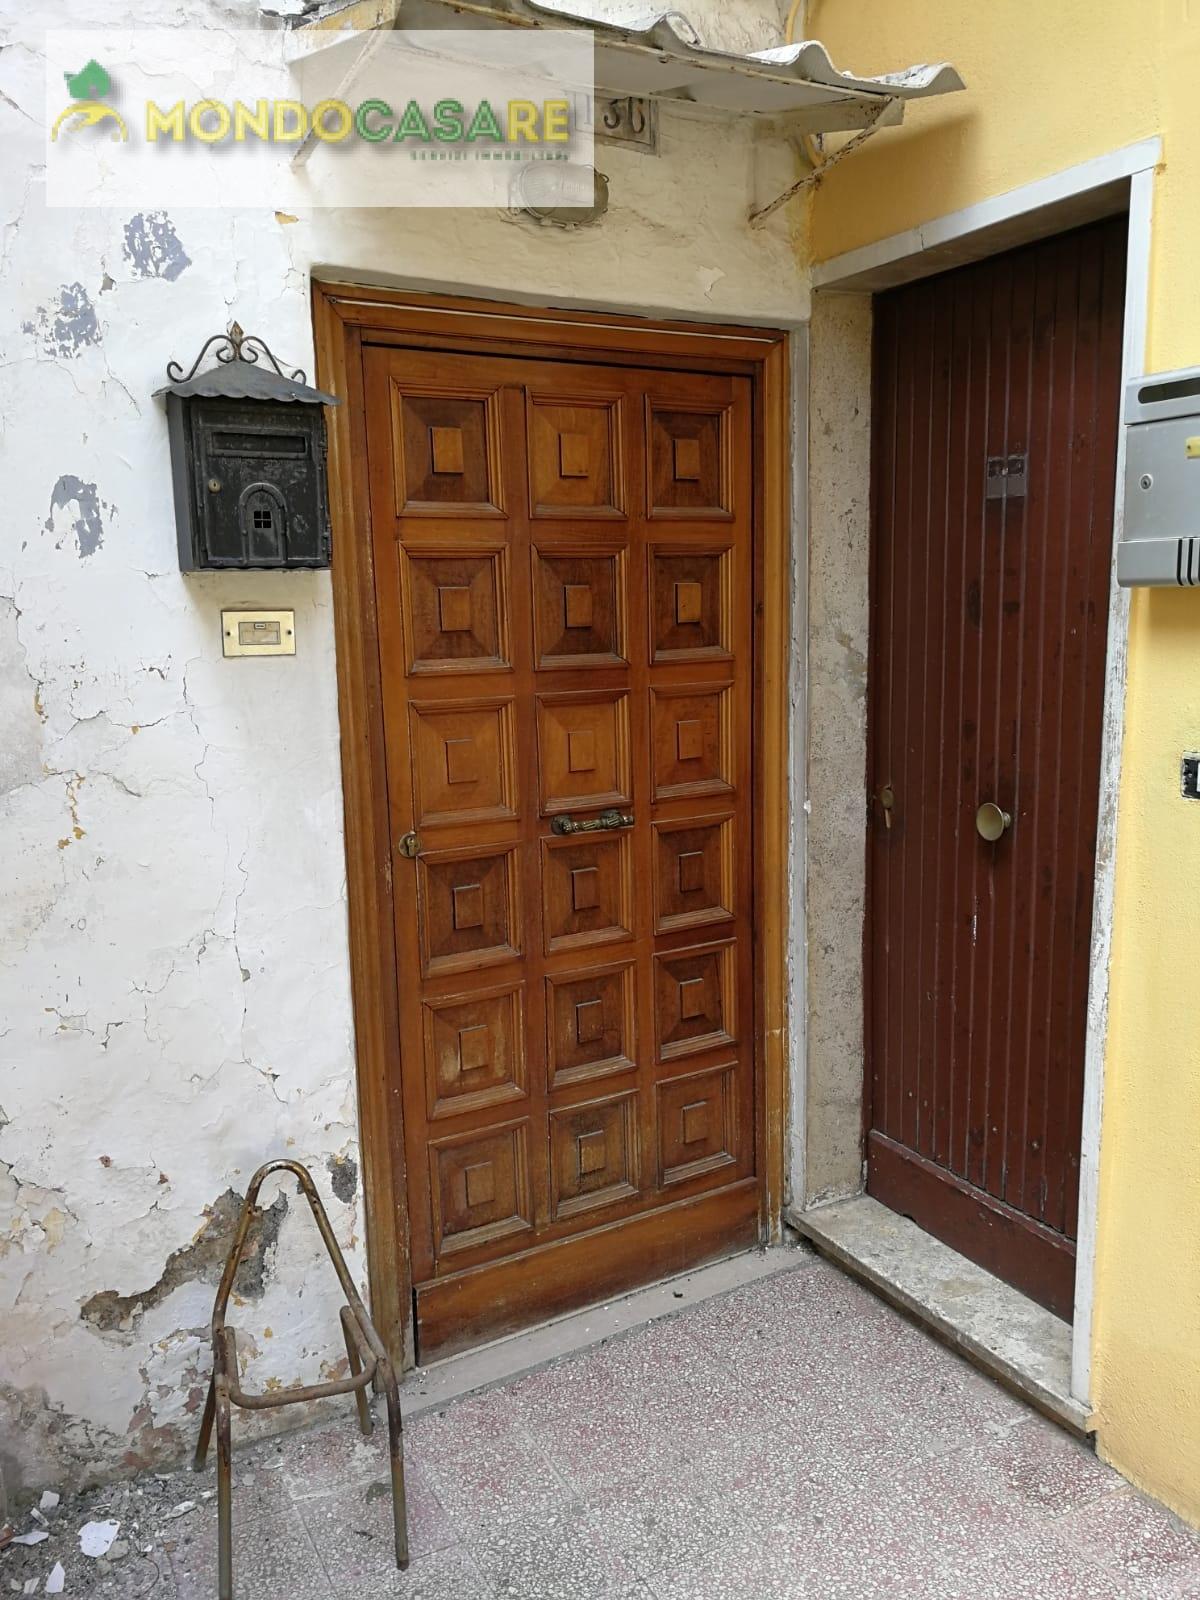 Appartamento in vendita a Palombara Sabina, 2 locali, prezzo € 27.000 | CambioCasa.it